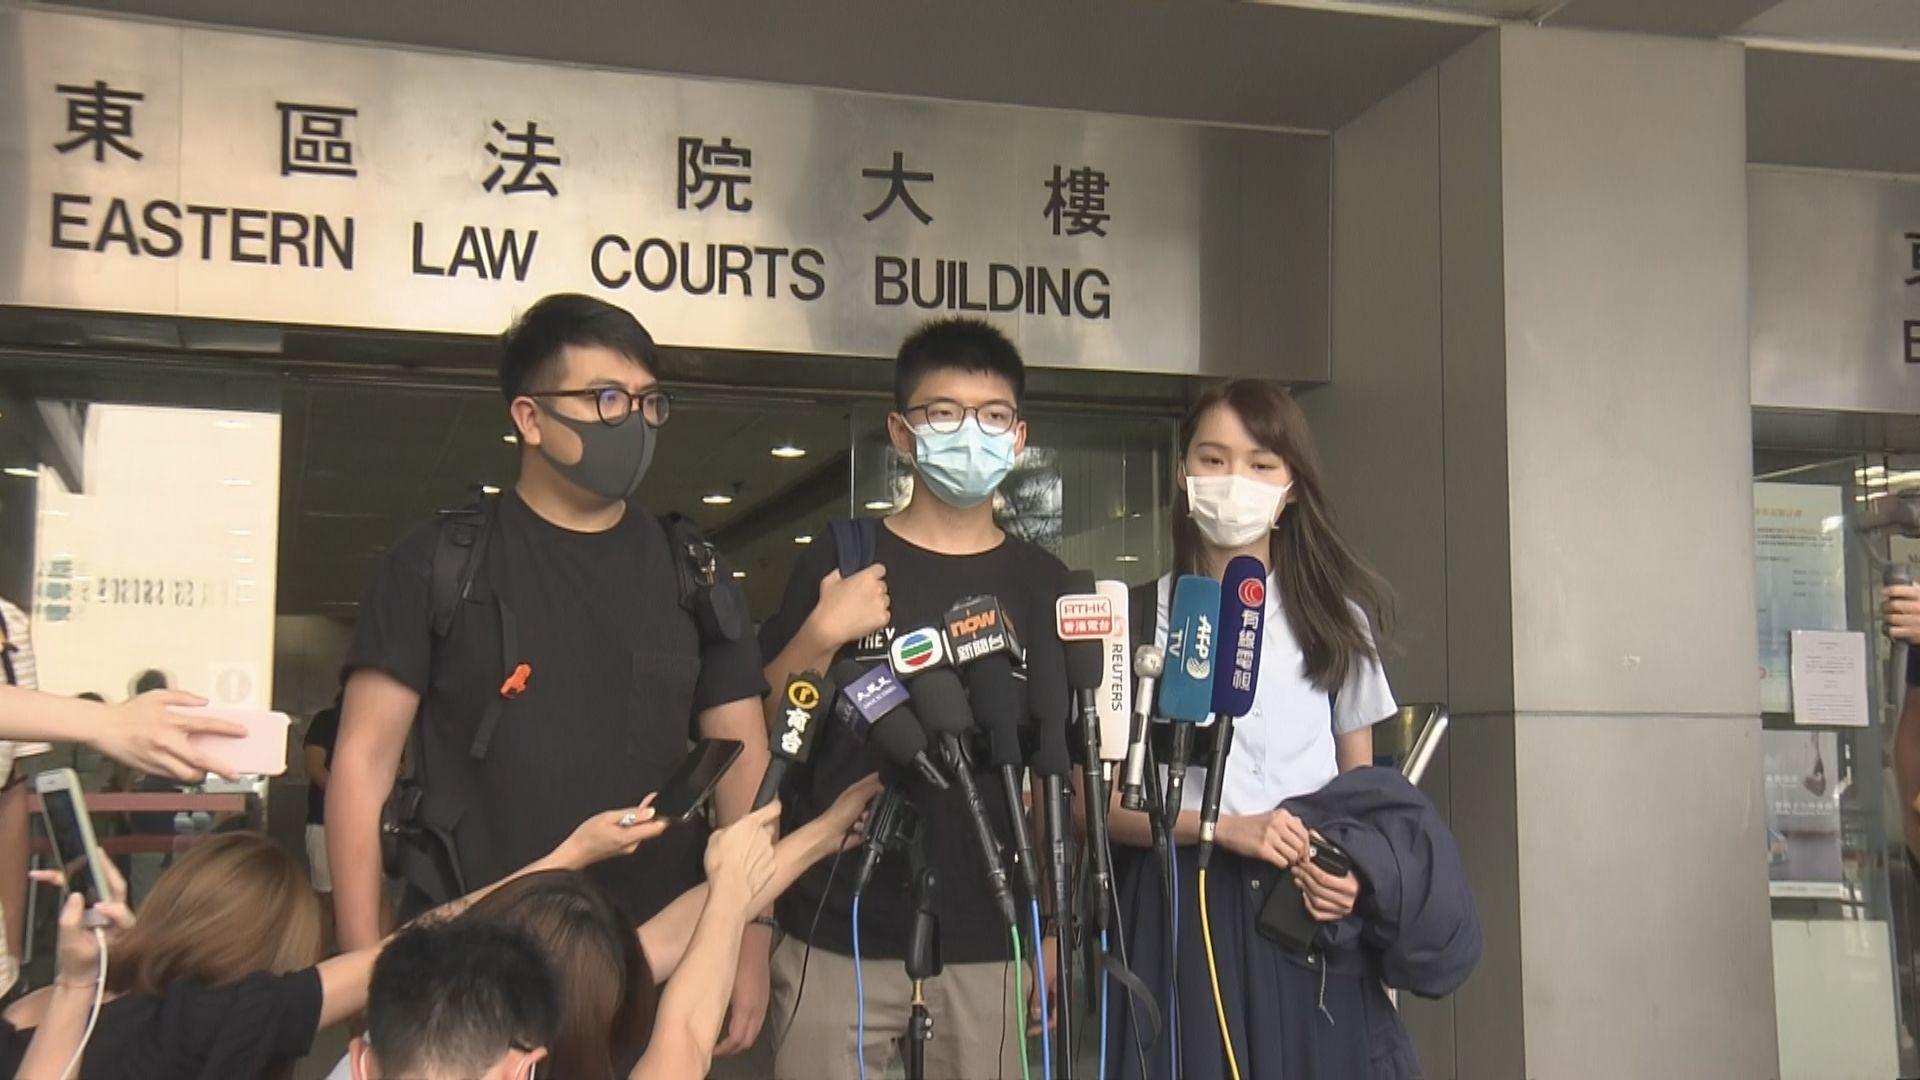 621包圍警總案 周庭認罪 黃之鋒林朗彥否認控罪